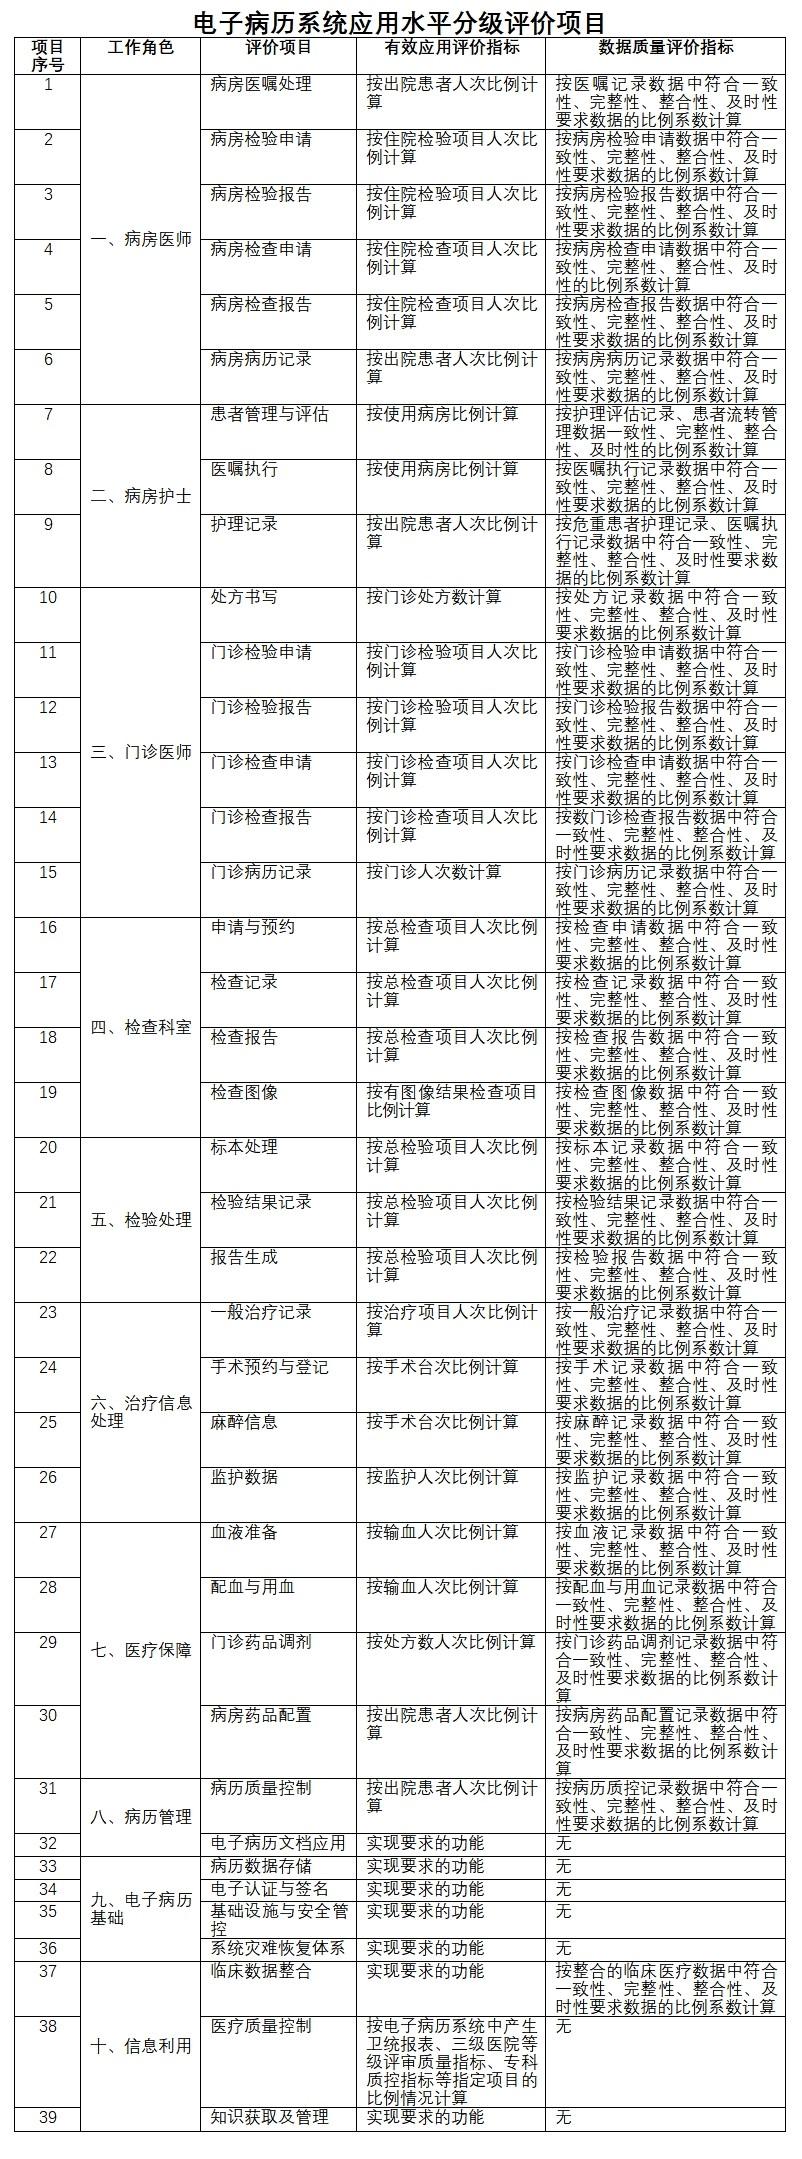 病历电子分级v病历标准发布划分9个等级翰制作教程平面图文图片